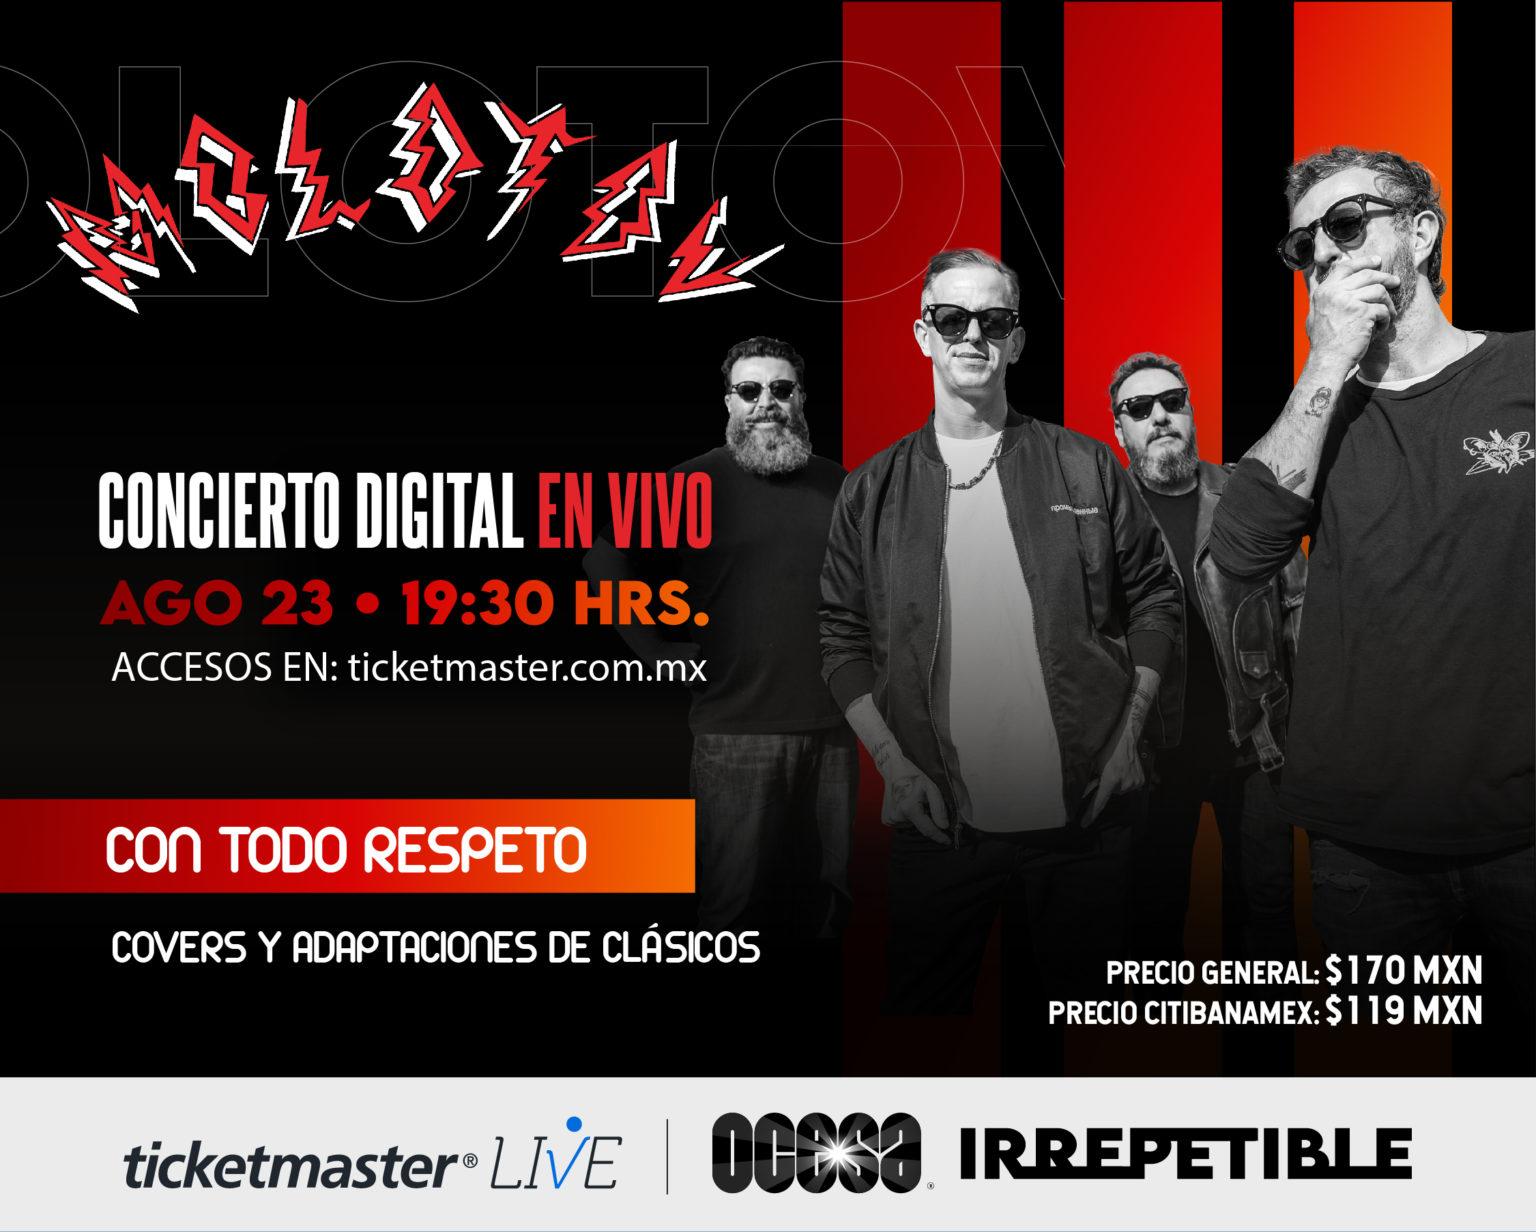 Molotov concierto Irrepetible via streaming.